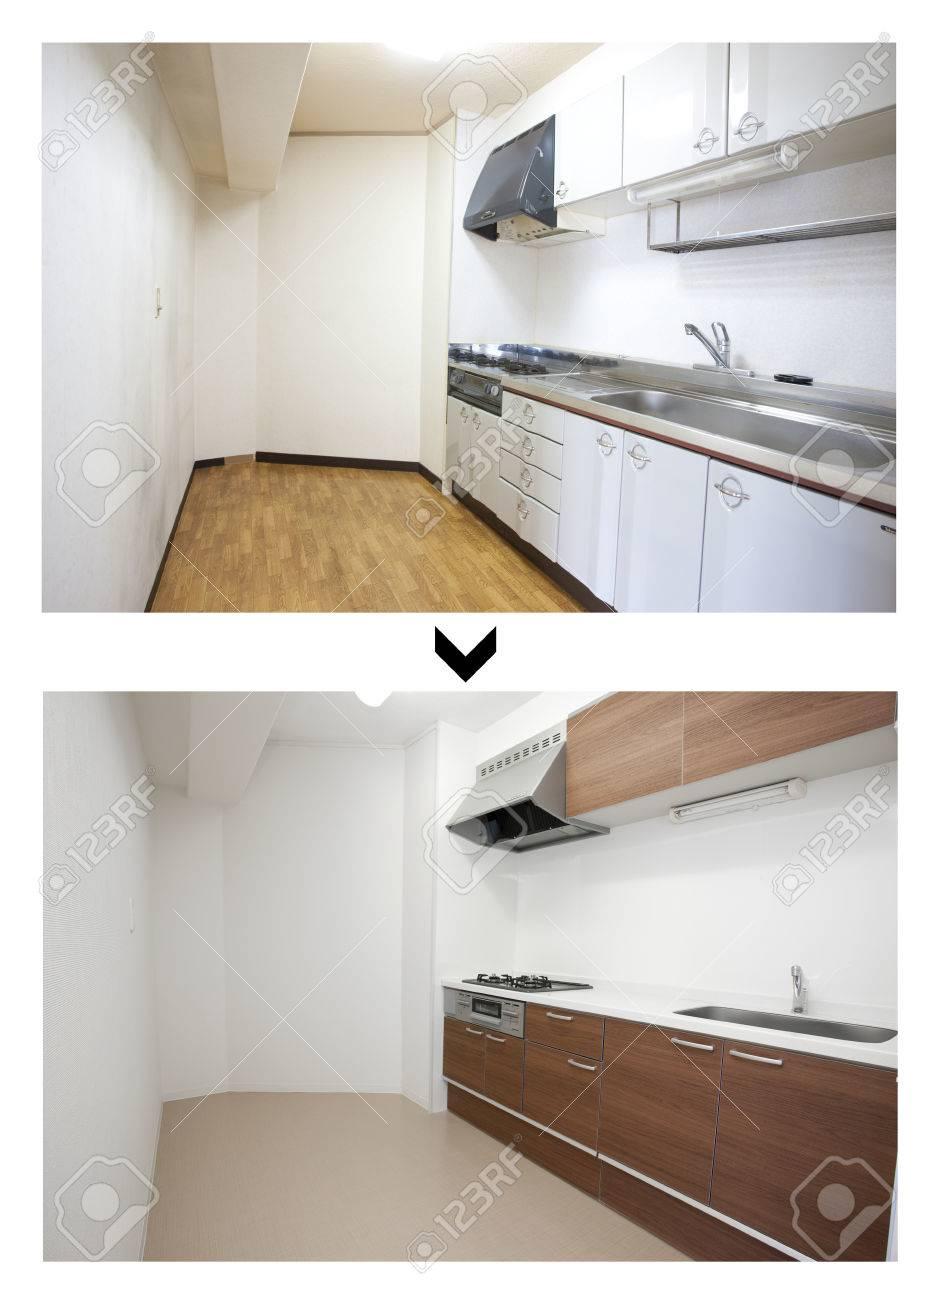 Wunderbar Bilder Von Vor Und Nach Den Küchen Fotos - Küche Set Ideen ...